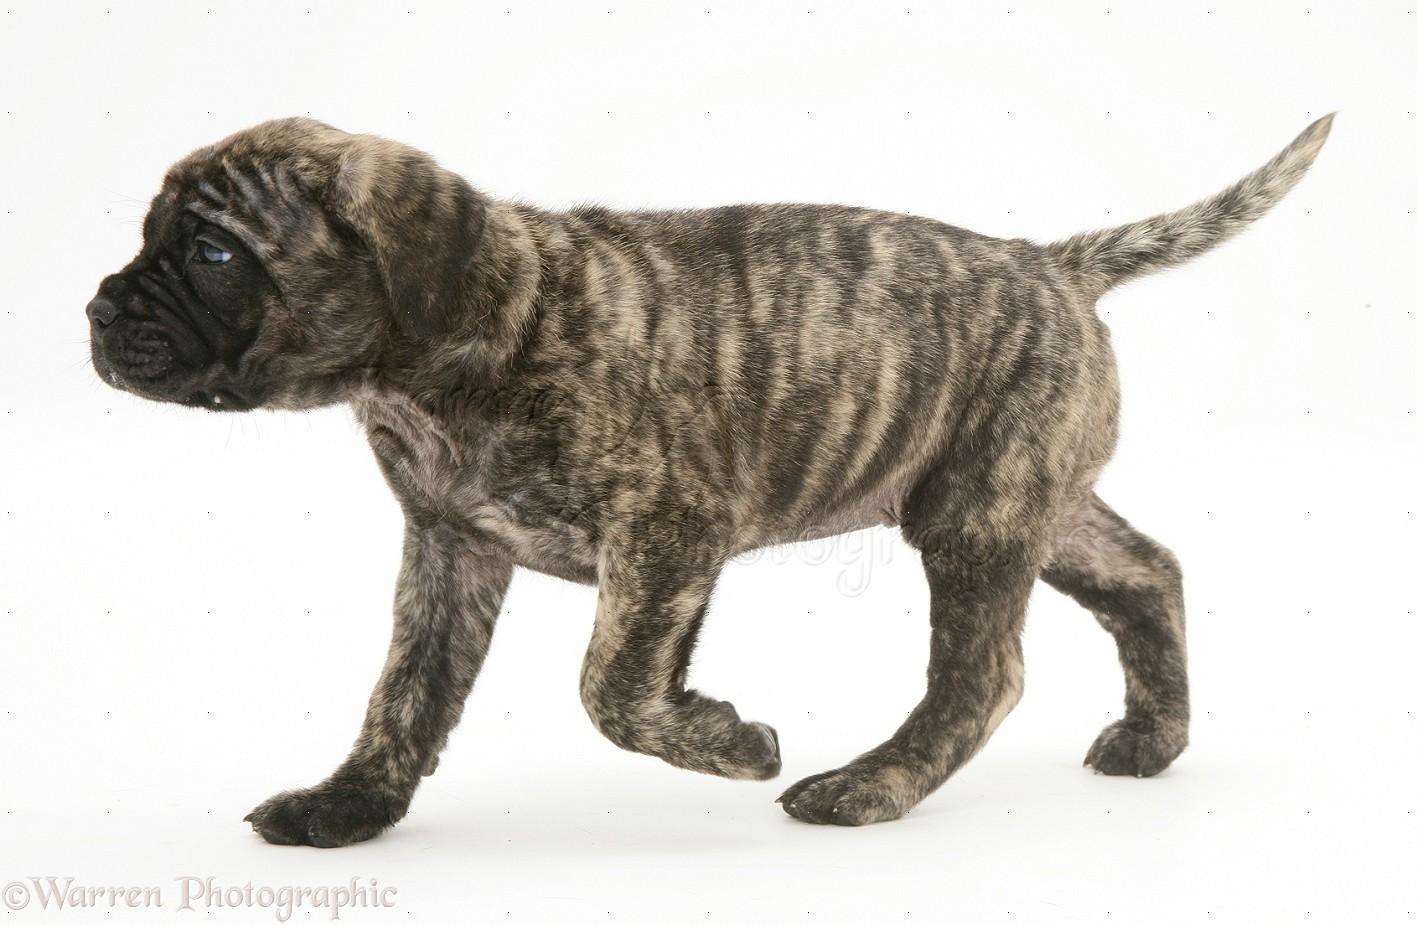 Dog: Brindle English Mastiff pup trotting across photo - WP11669